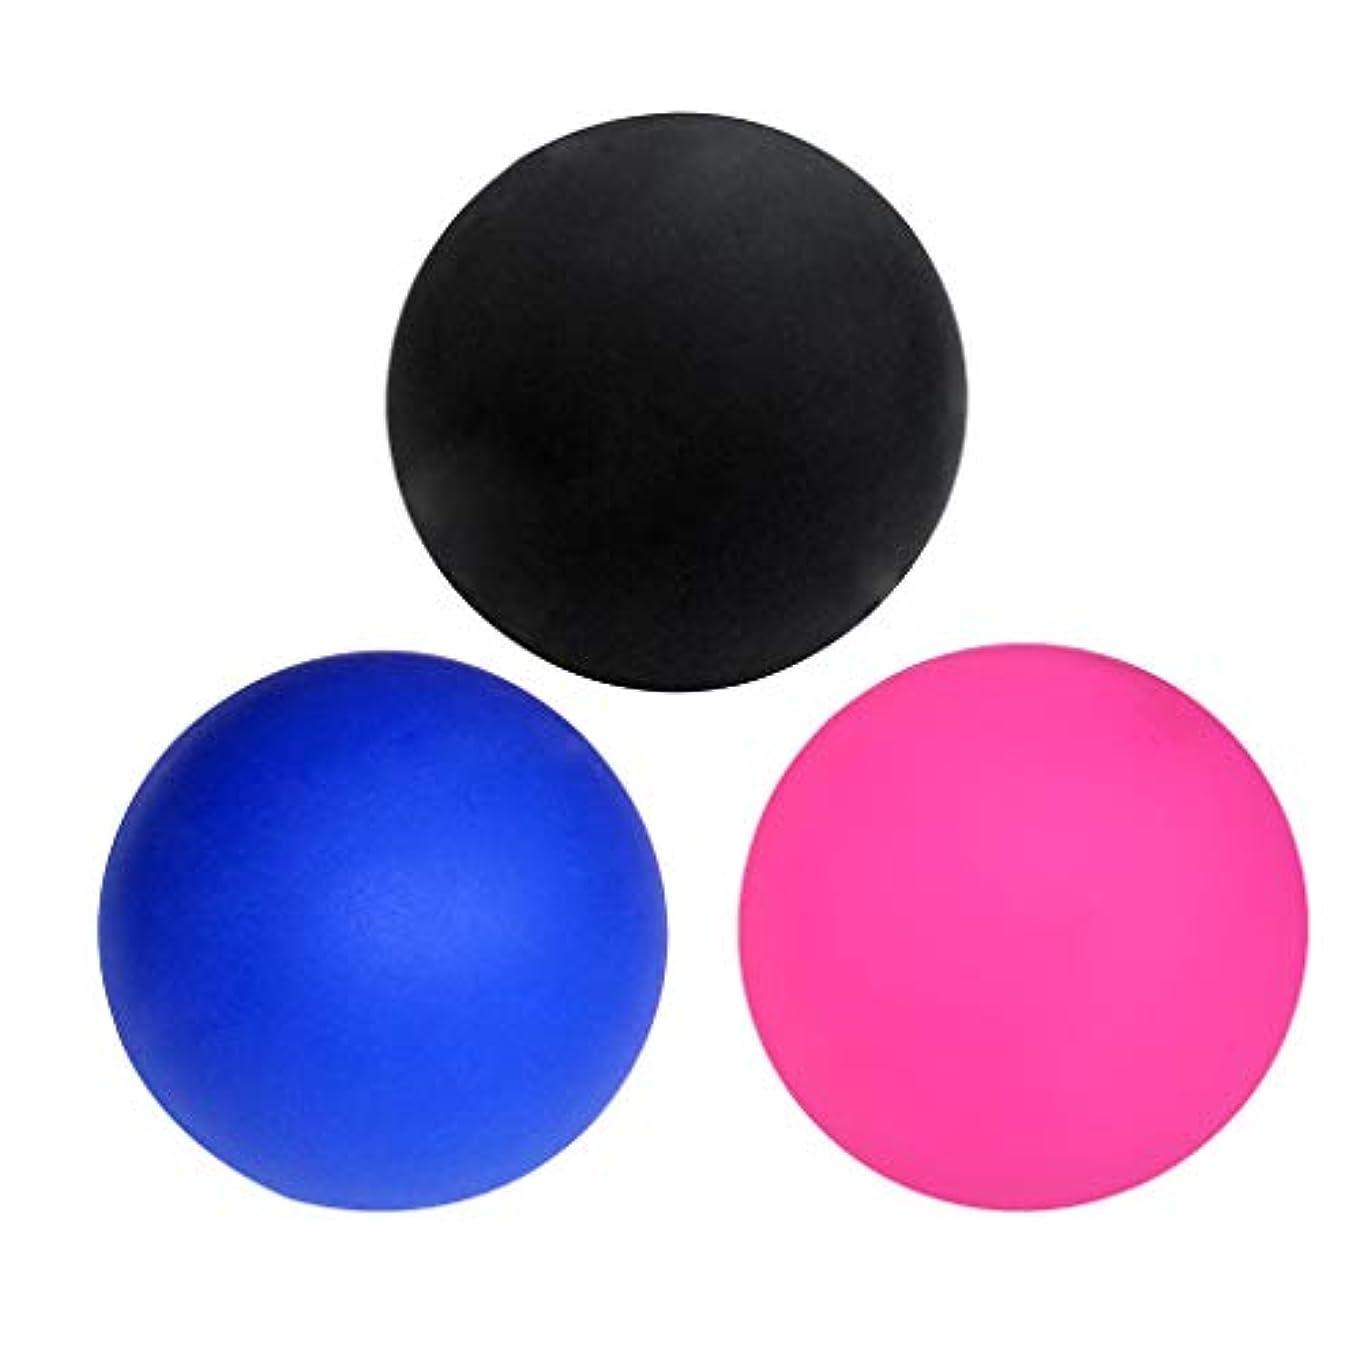 静けさ供給技術的なdailymall マッサージボール ラクロスボール トリガーポイント 筋膜リリース トレーニング ツボ押しグッズ 3個入